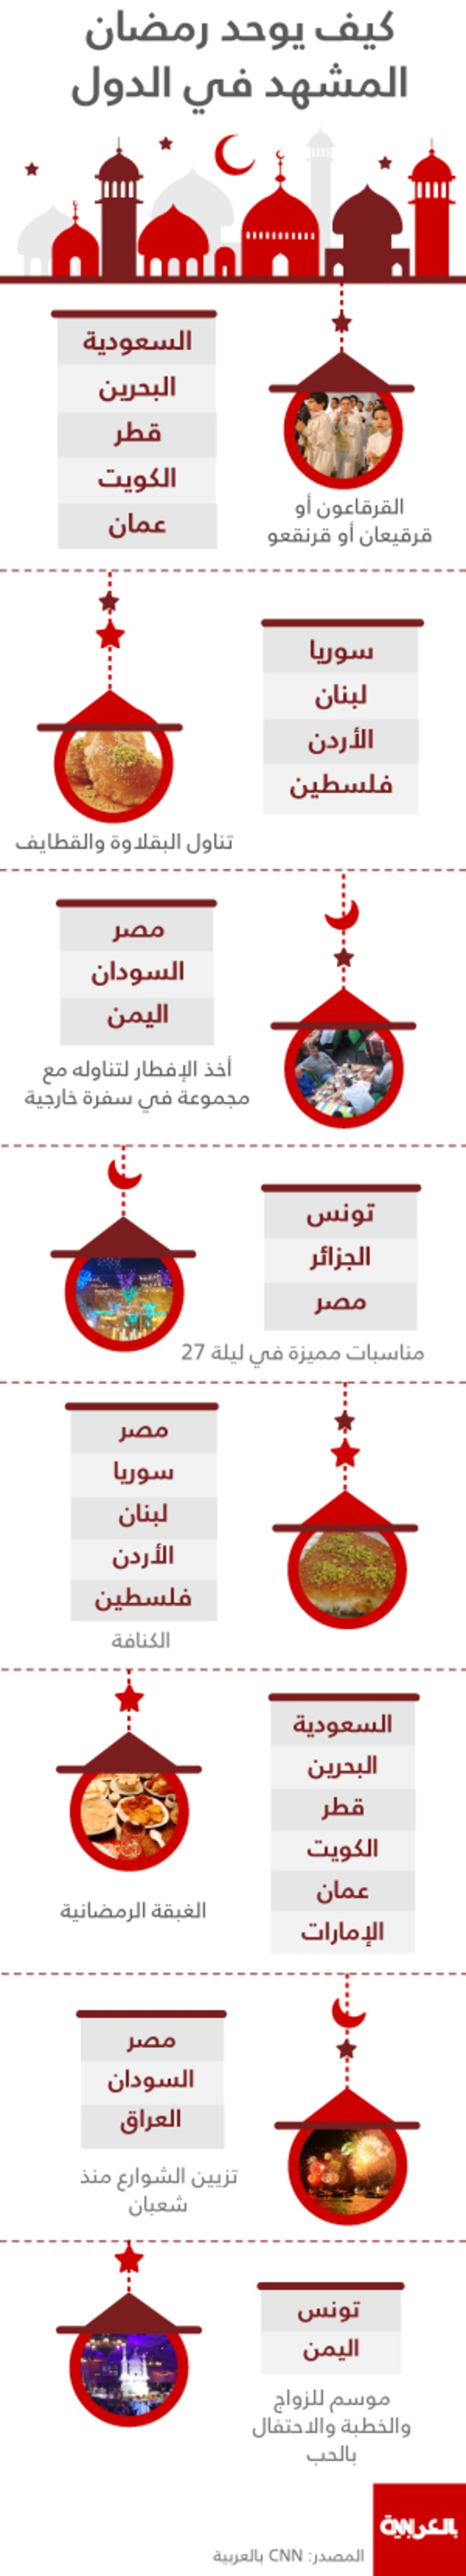 في رمضان.. هل يتشابه العرب من المحيط إلى الخليج؟